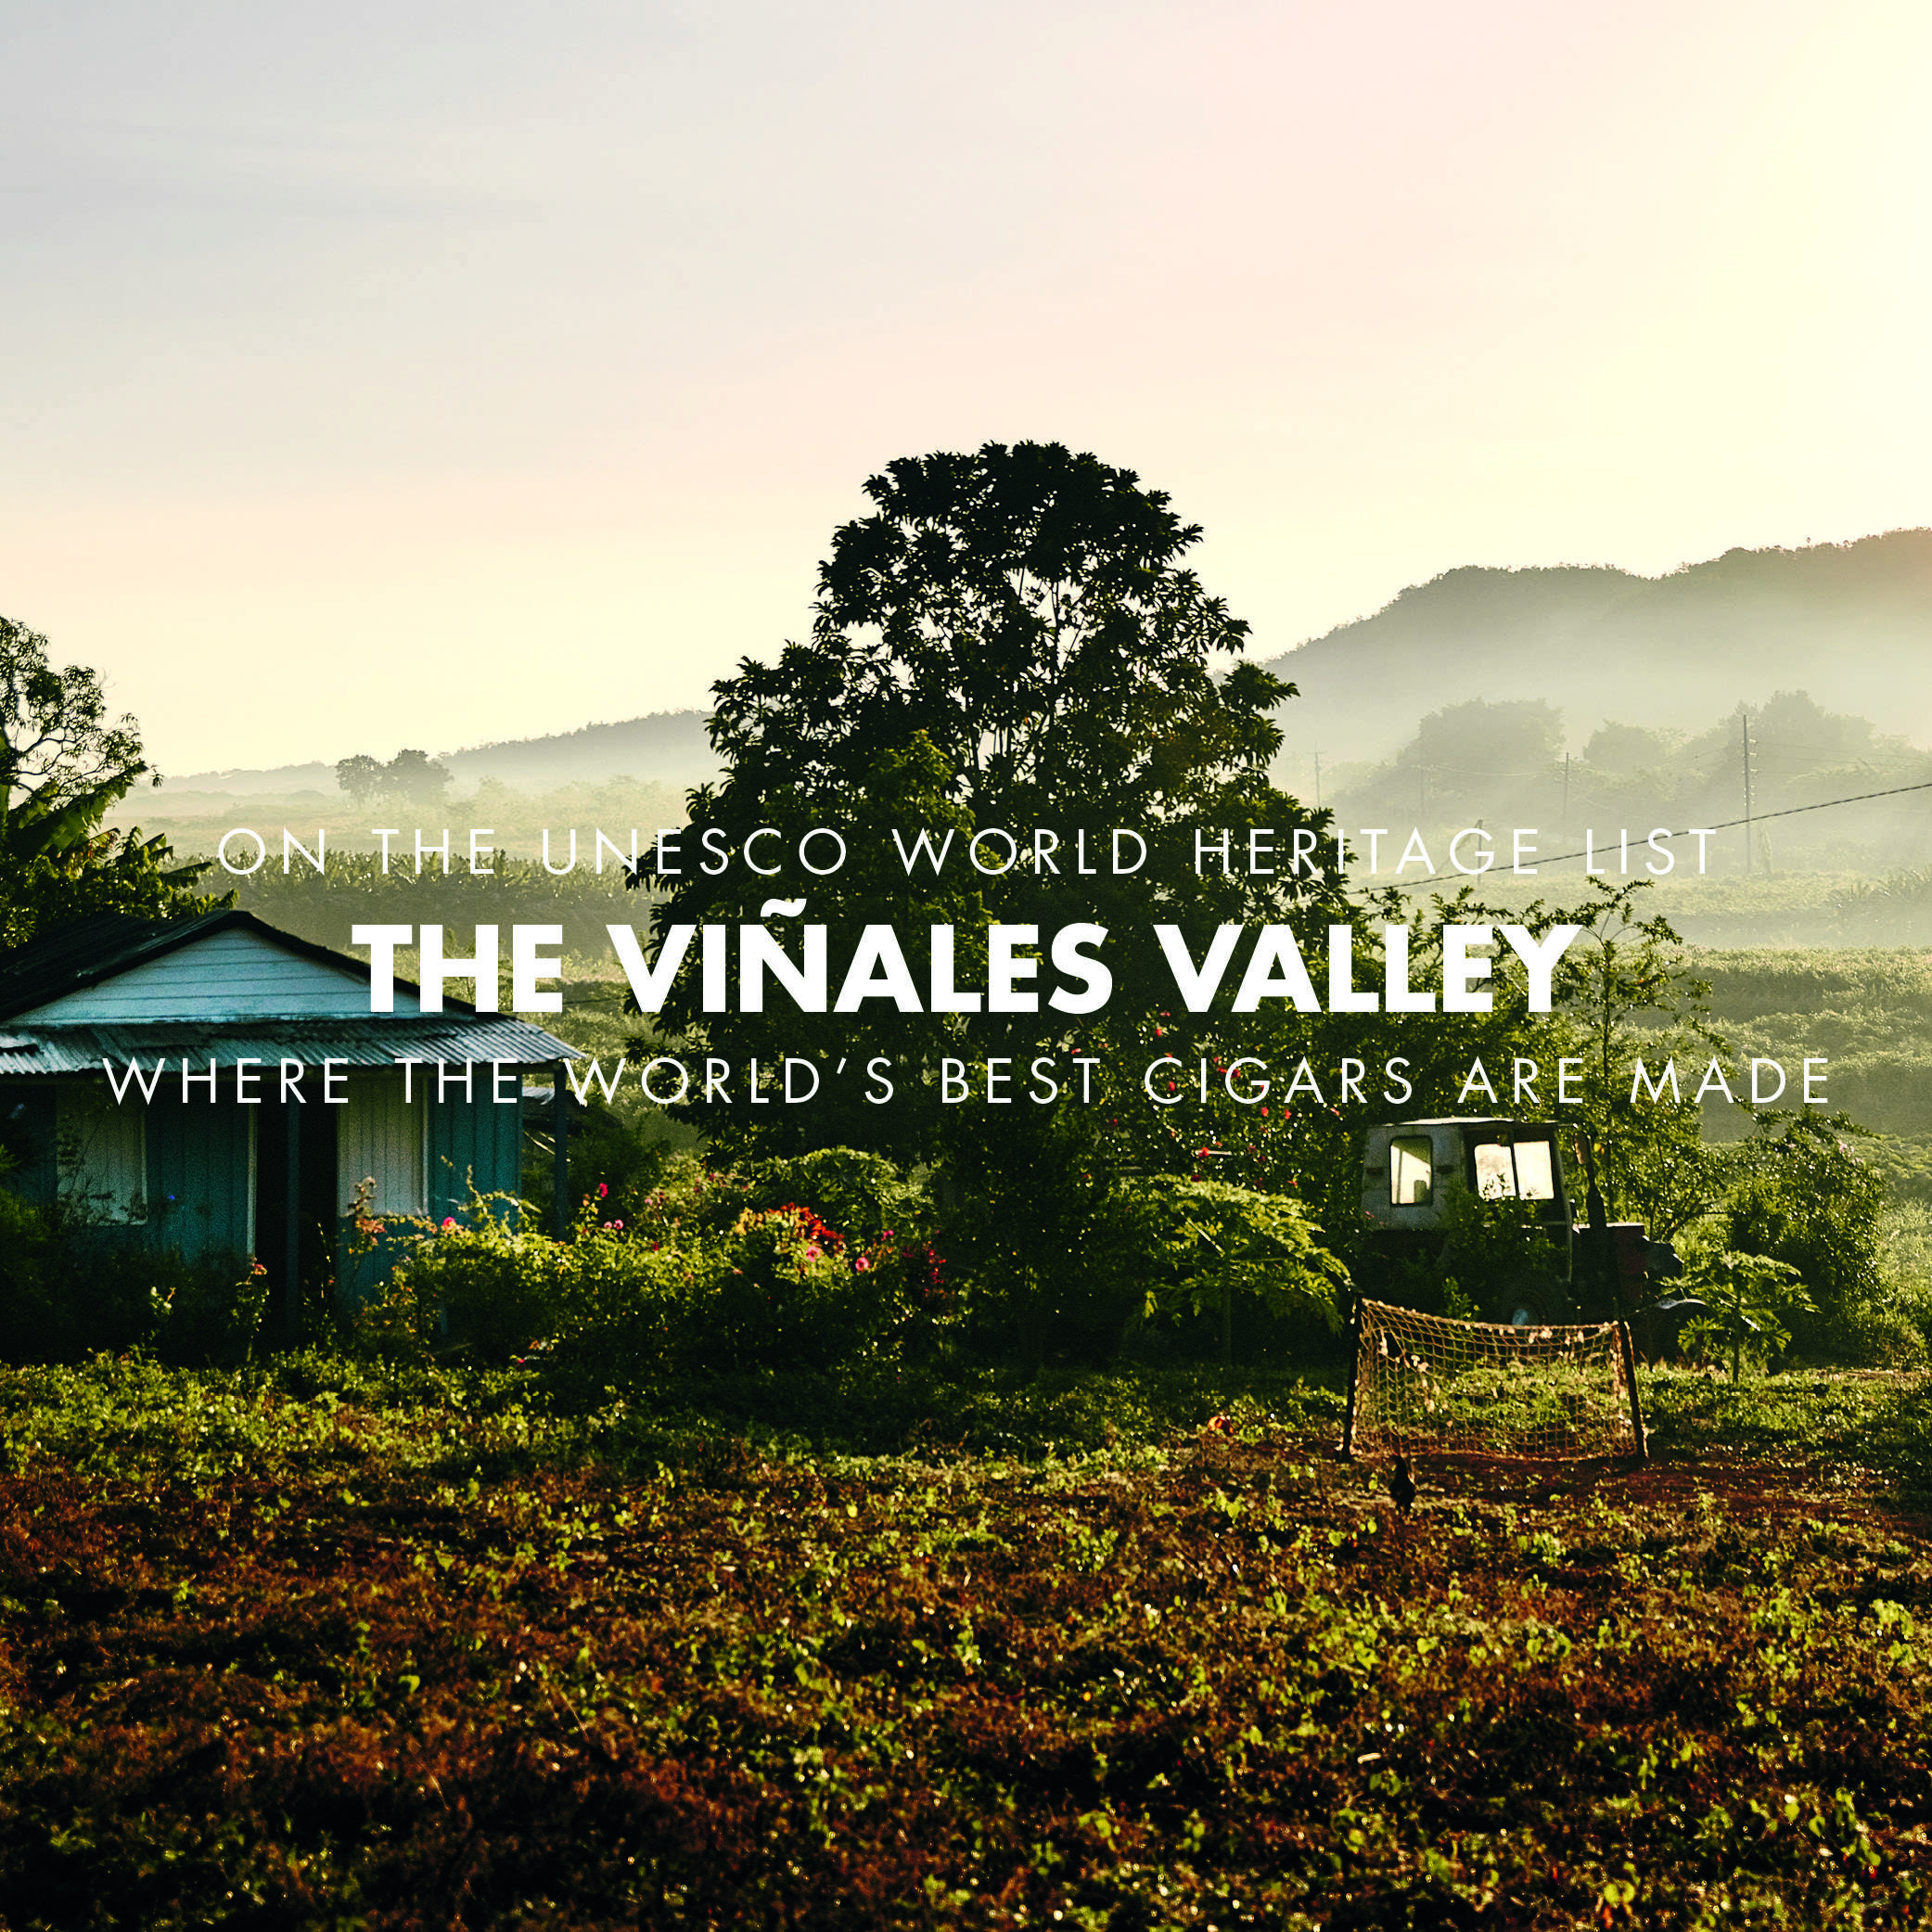 Viñales Valley